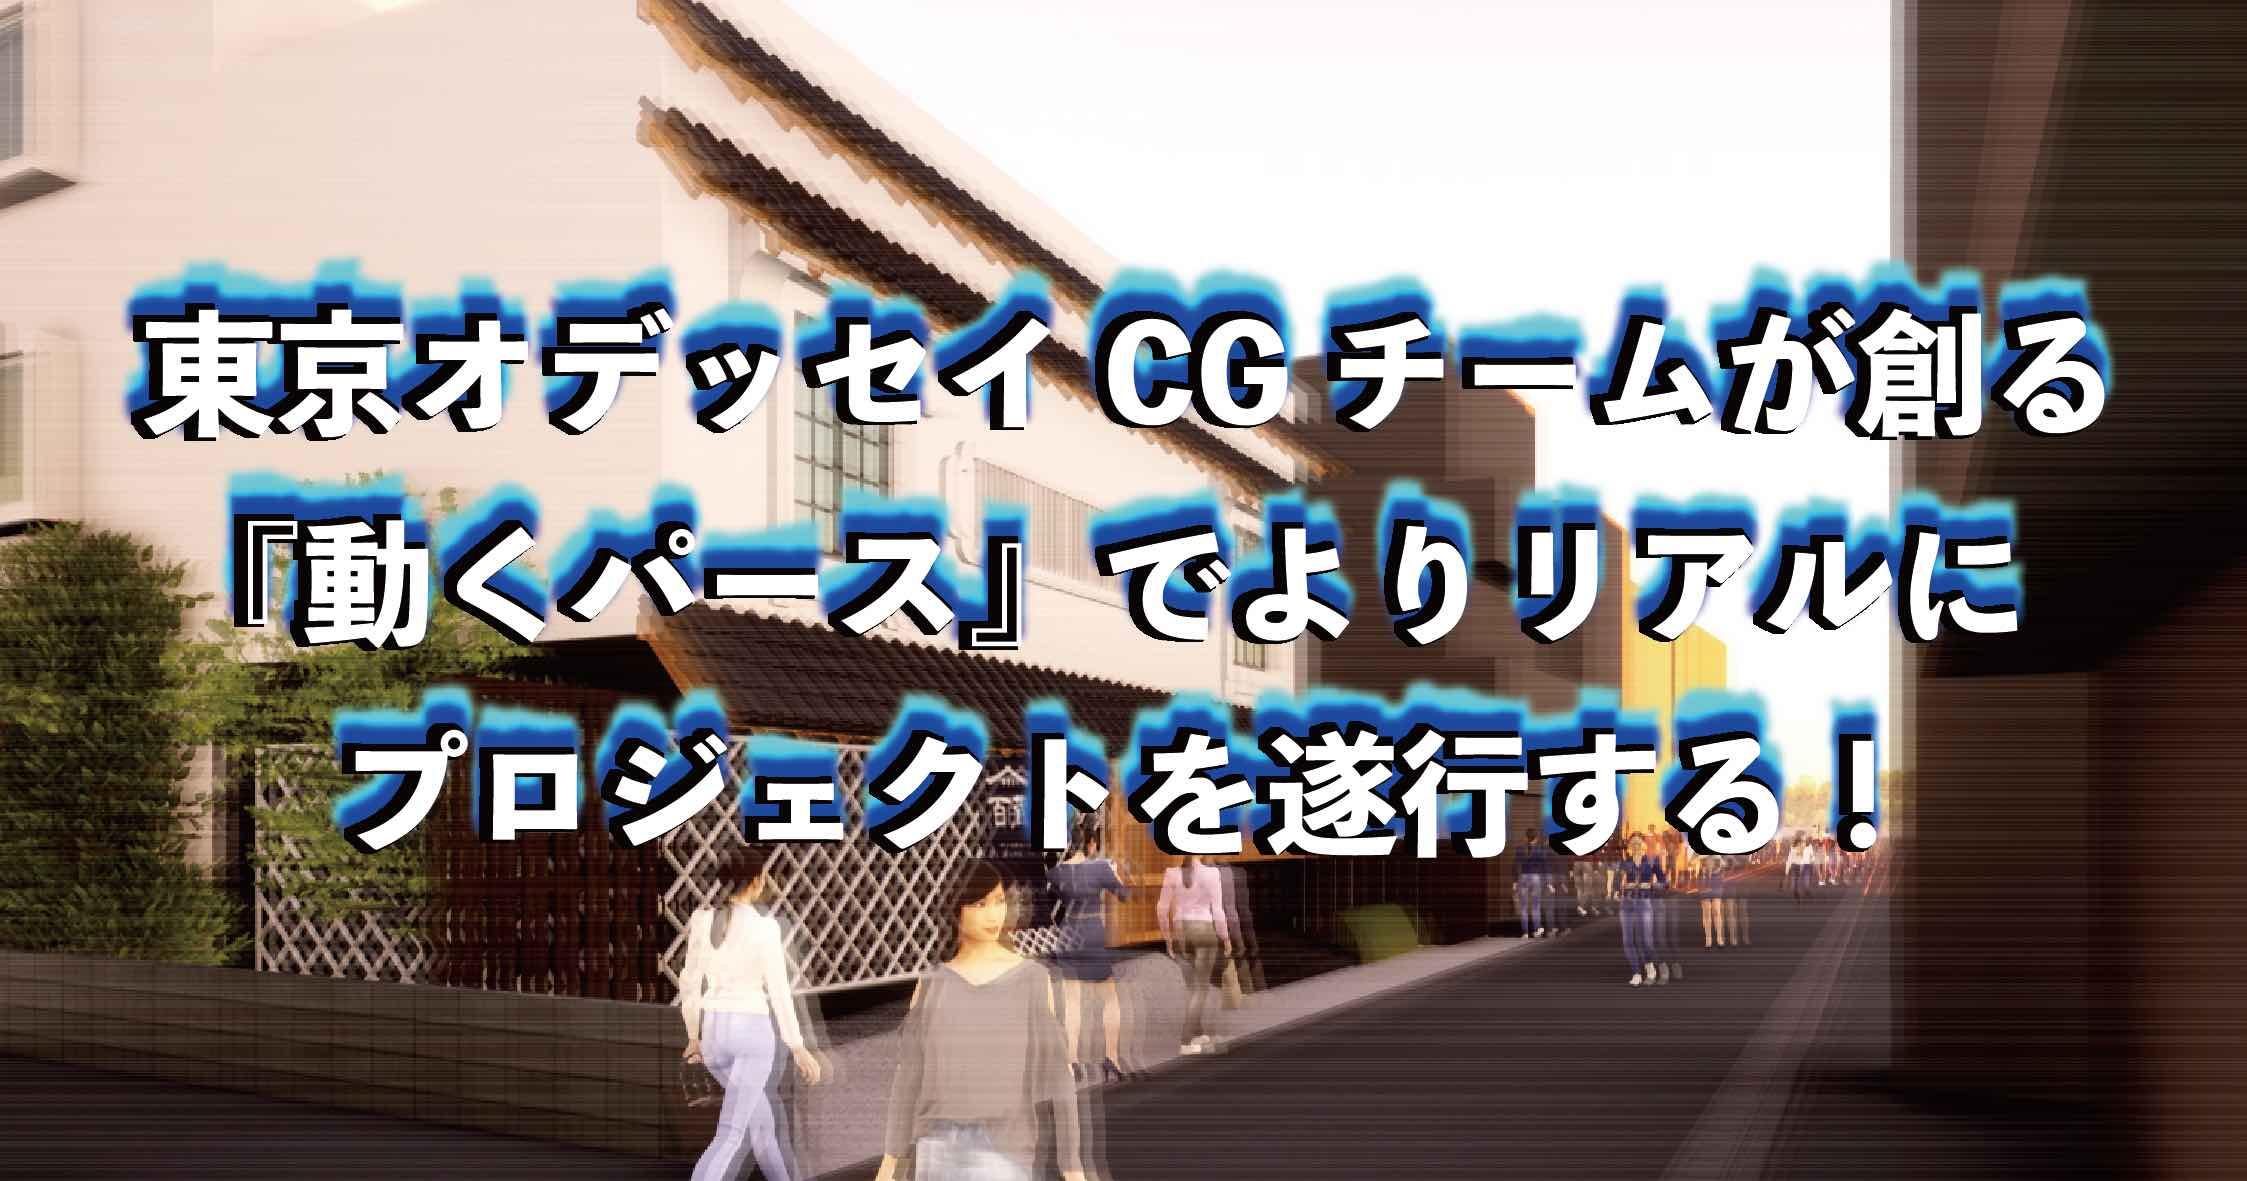 東京オデッセイでは今までの静止画パースから動くパースへとバージョンアップいたしました!